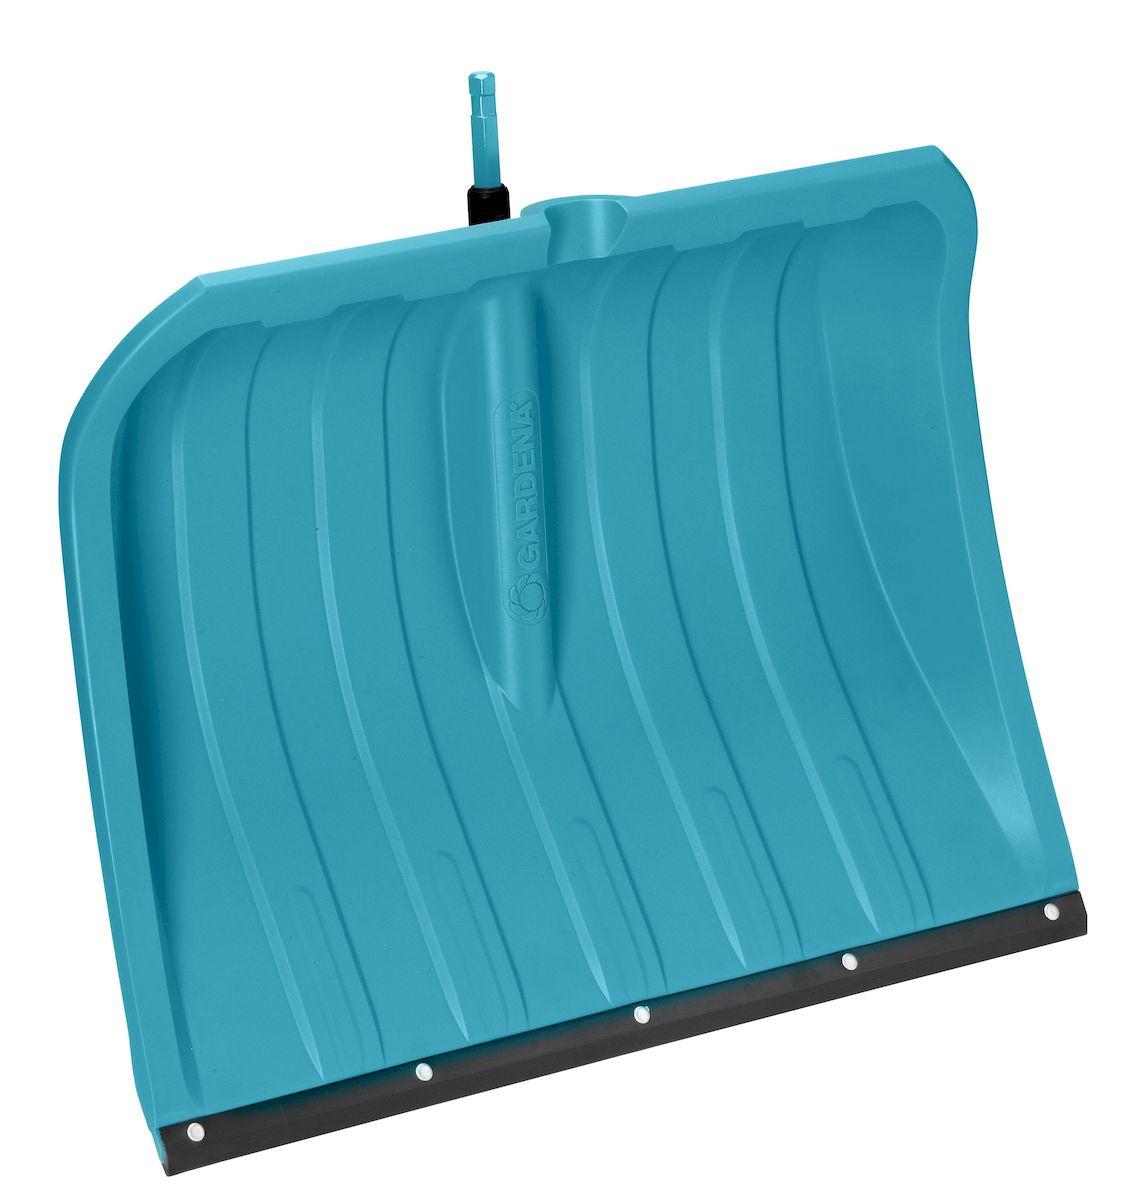 Лопата для уборки снега Gardena, без рукоятки, ширина 50 см03241-20.000.00Лопата Gardena оптимально подходит для расчистки различных территорий и дорожек отснега. Широкие ребра плаcтикового полотна обеспечивают легкое скольжение лопаты, а гладкаяструктура поверхности полотна предотвращает налипание снега. Высокие боковые стенкипозволяют легко удерживать снег на лопате во время переноски, при этом снег не соскальзываетсбоку. Пластиковое полотно чрезвычайно устойчиво к воздействию солей и выдерживаетотрицательные температуры до - 40°С. Лопата для уборки снега Gardena является частью комбисистемы и подходит ко всем ручкамкомбисистемы Gardena.